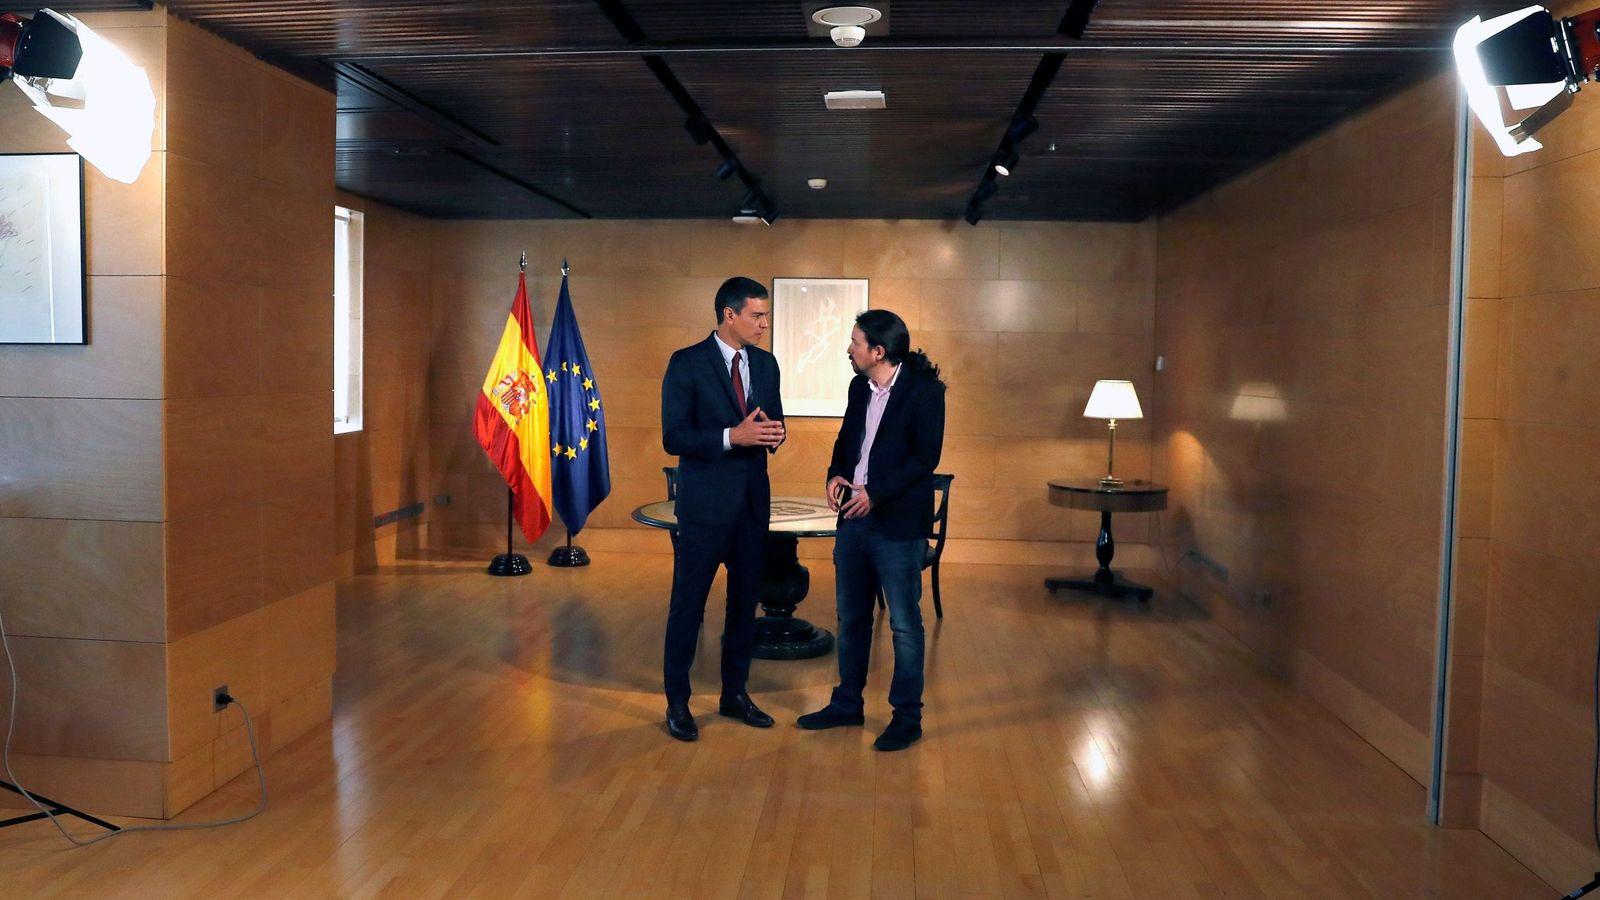 Foto: El presidente del Gobierno, Pedro Sánchez (i), y el líder de Podemos, Pablo Iglesias, durante una reunión negociadora el pasado mes de julio. (EFE)